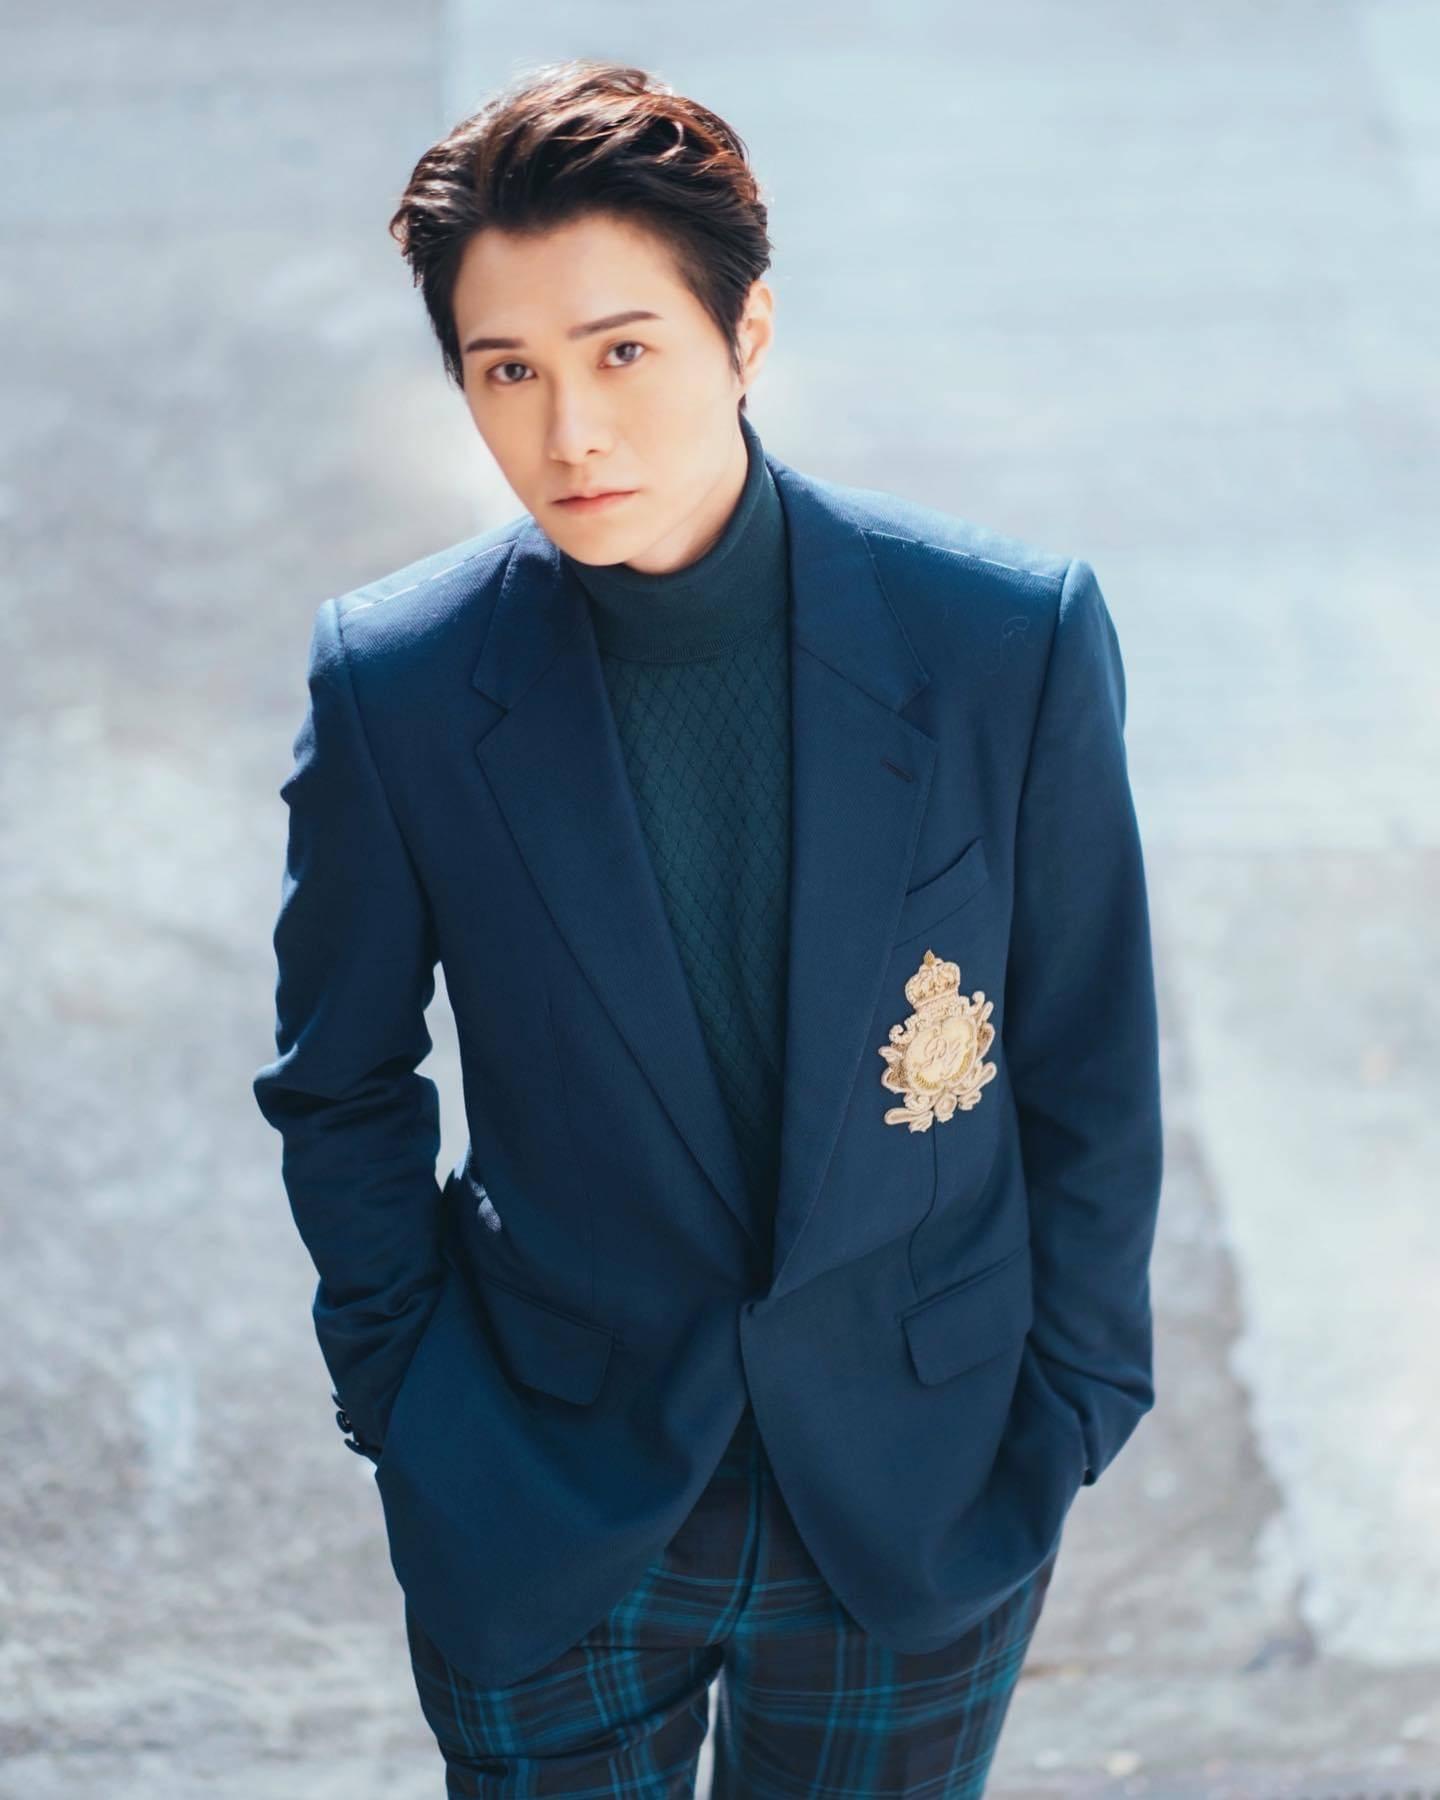 离巢大台!30岁TVB力捧小生胡鸿钧签约邵氏,称与前老板仍有合作机会  第9张